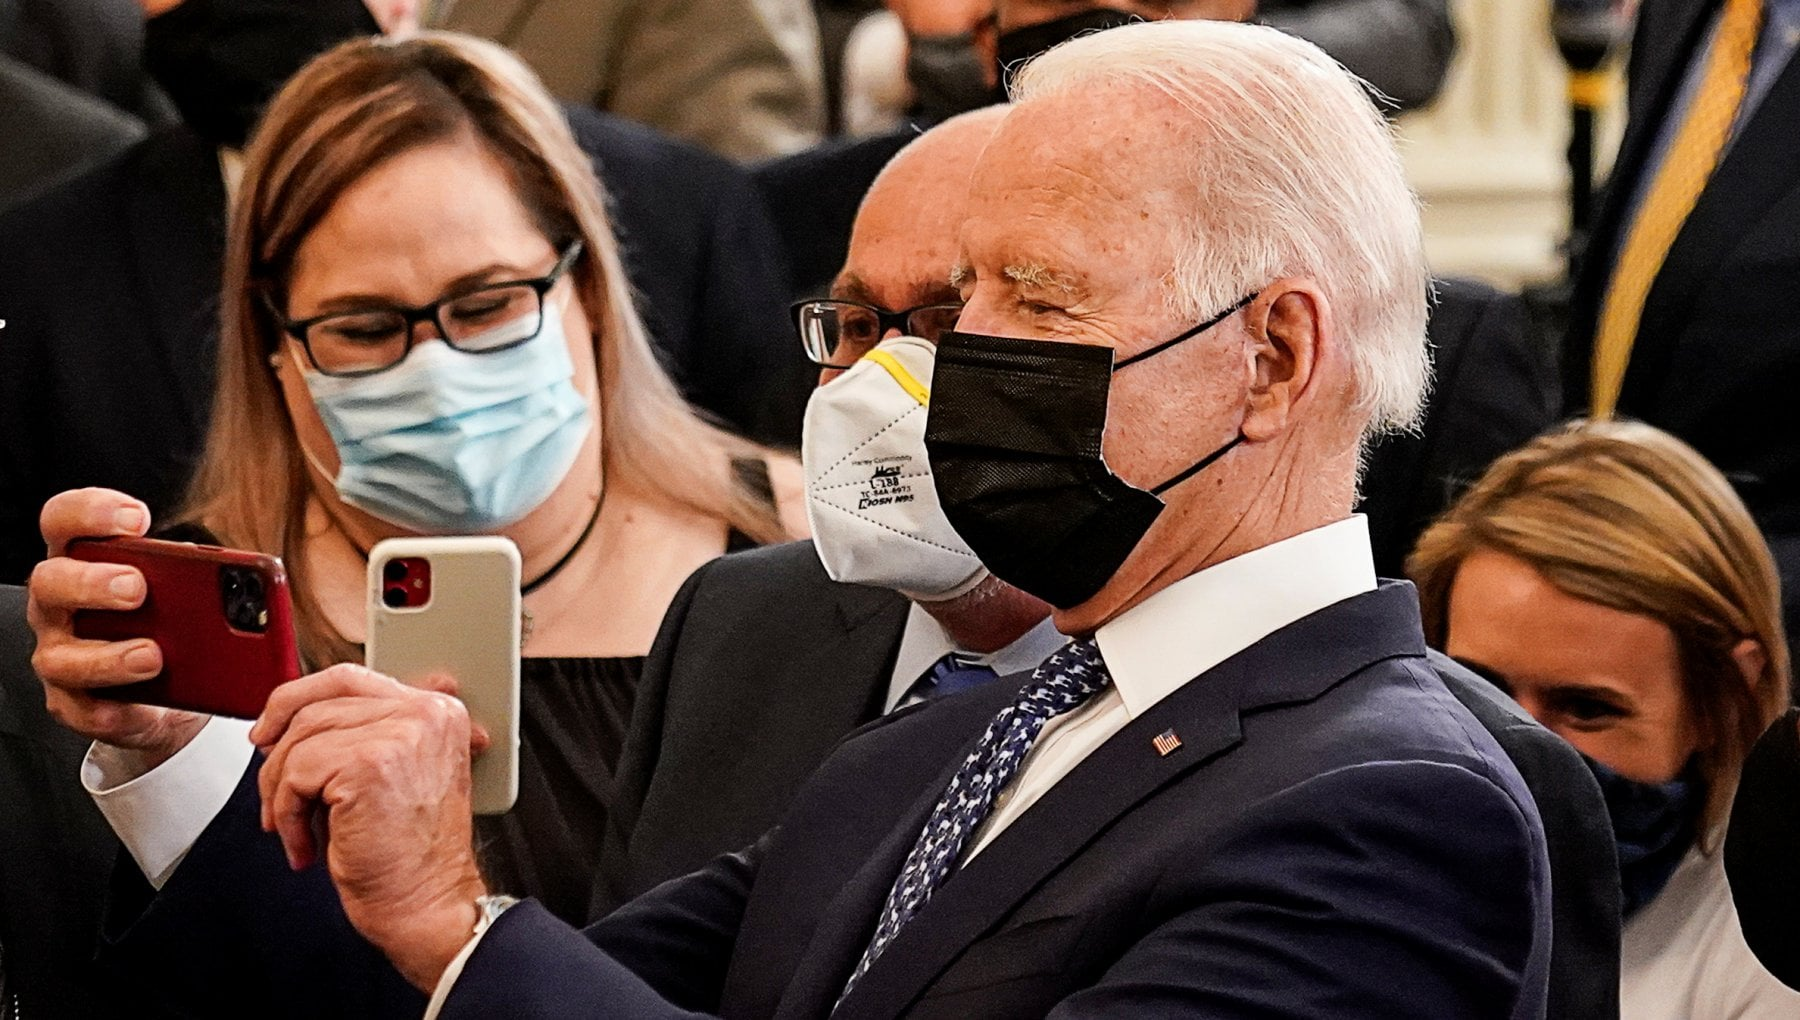 232411485 0b258c66 b674 40d8 b7aa d82567fa87a2 - Covid, Biden vuole convocare un summit mondiale per affrontare la pandemia